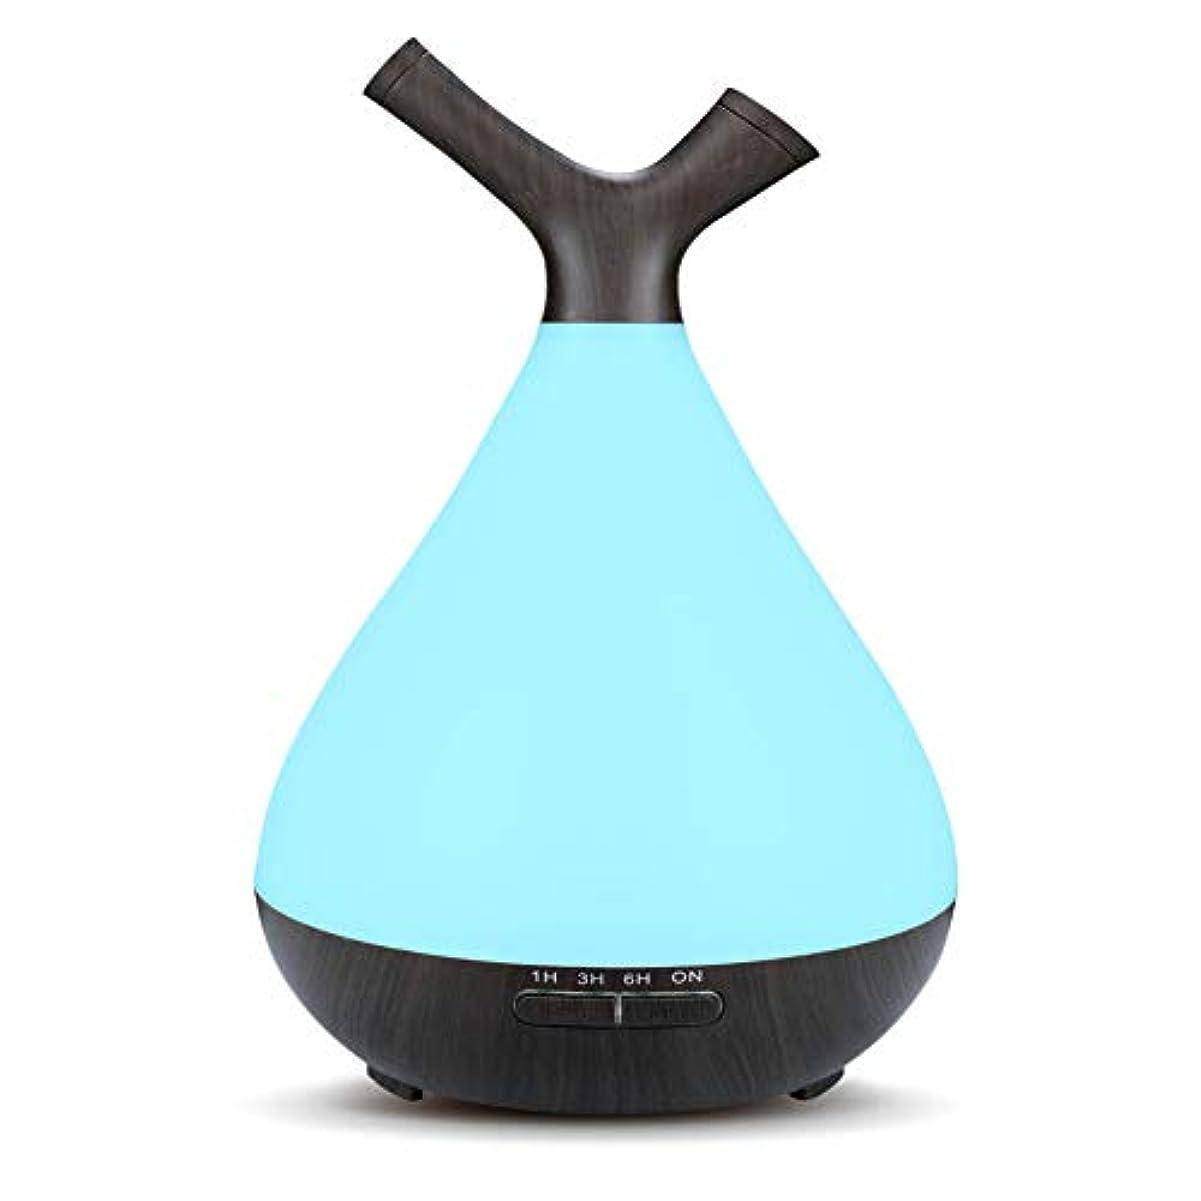 スプーン虫を数える素敵な木目 2 ノズル 7 色 加湿器,涼しい霧 時間 加湿機 調整可能 香り 精油 ディフューザー 空気を浄化 オフィス ベッド- 400ml